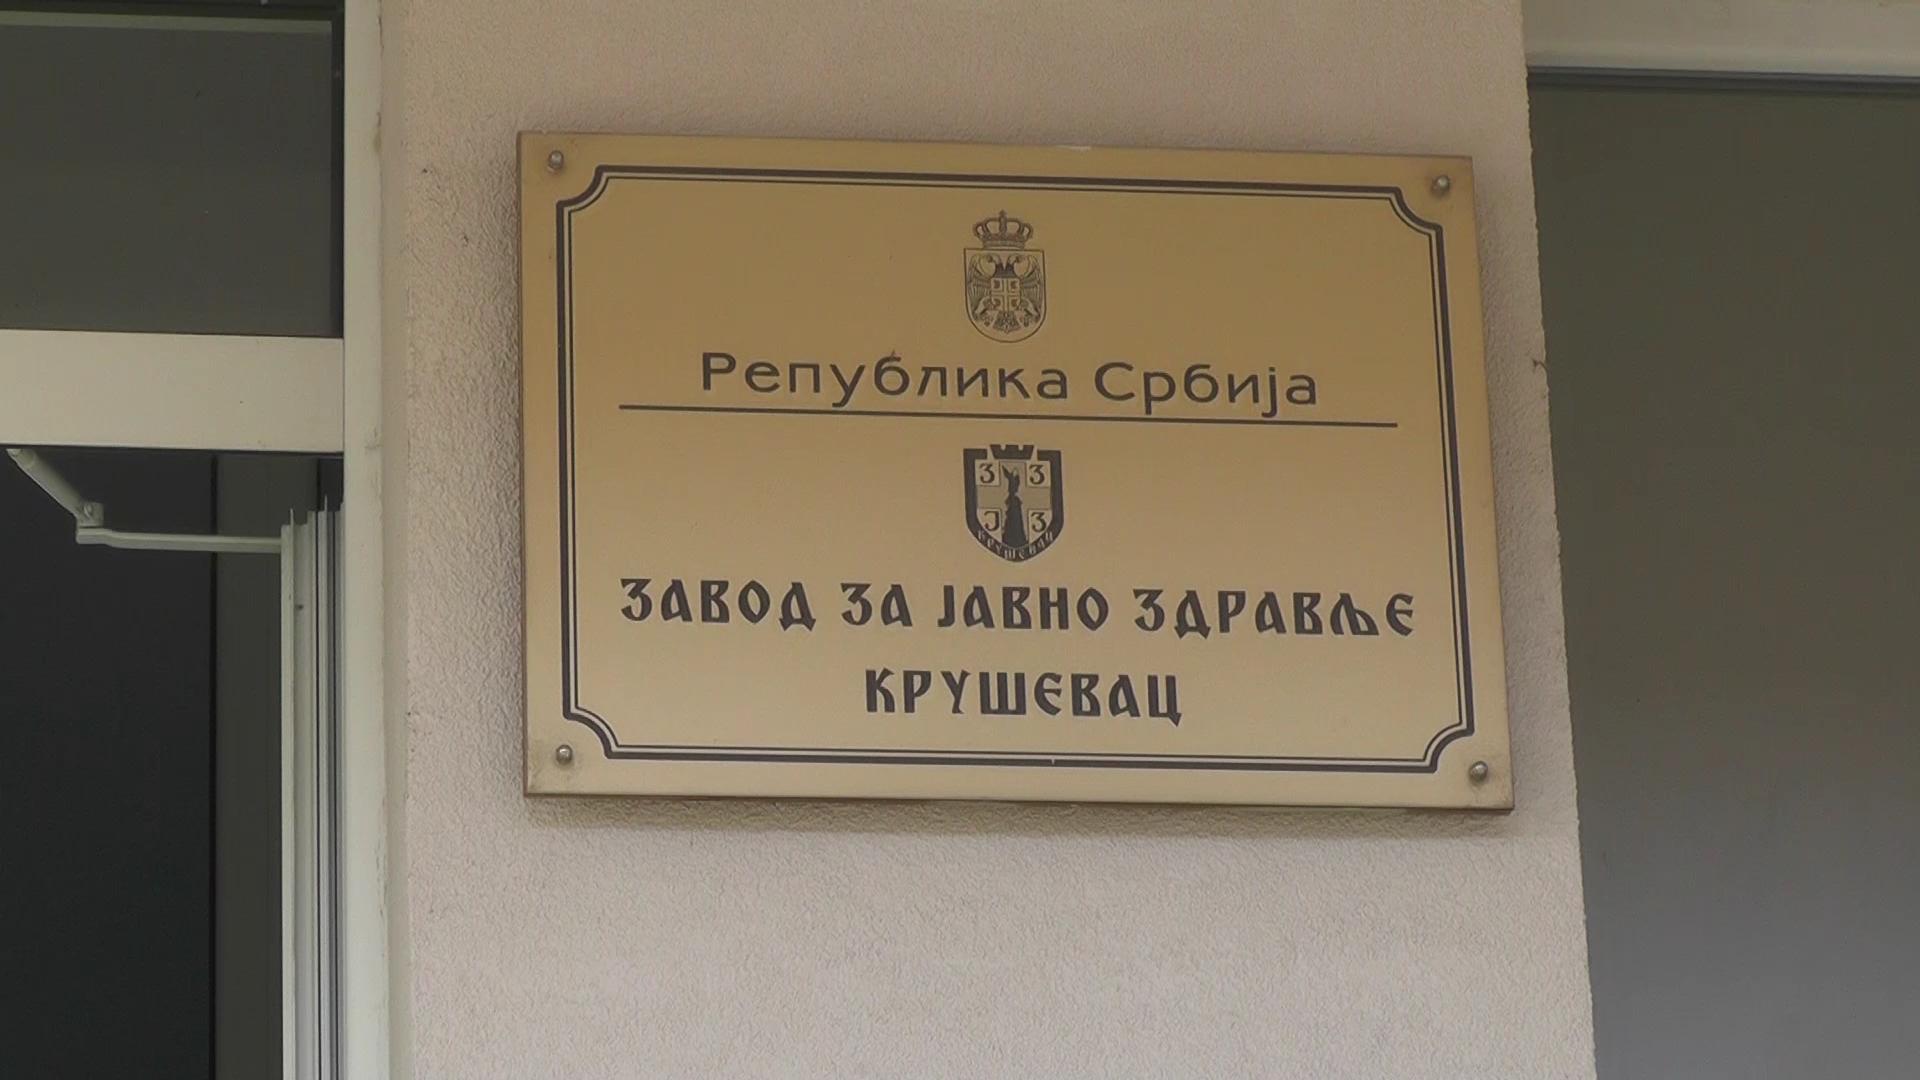 Prema poslednjim podacima u Rasinskom okrugu još 170 novih slučajeva korone, u Kruševcu 101, u Trsteniku 33